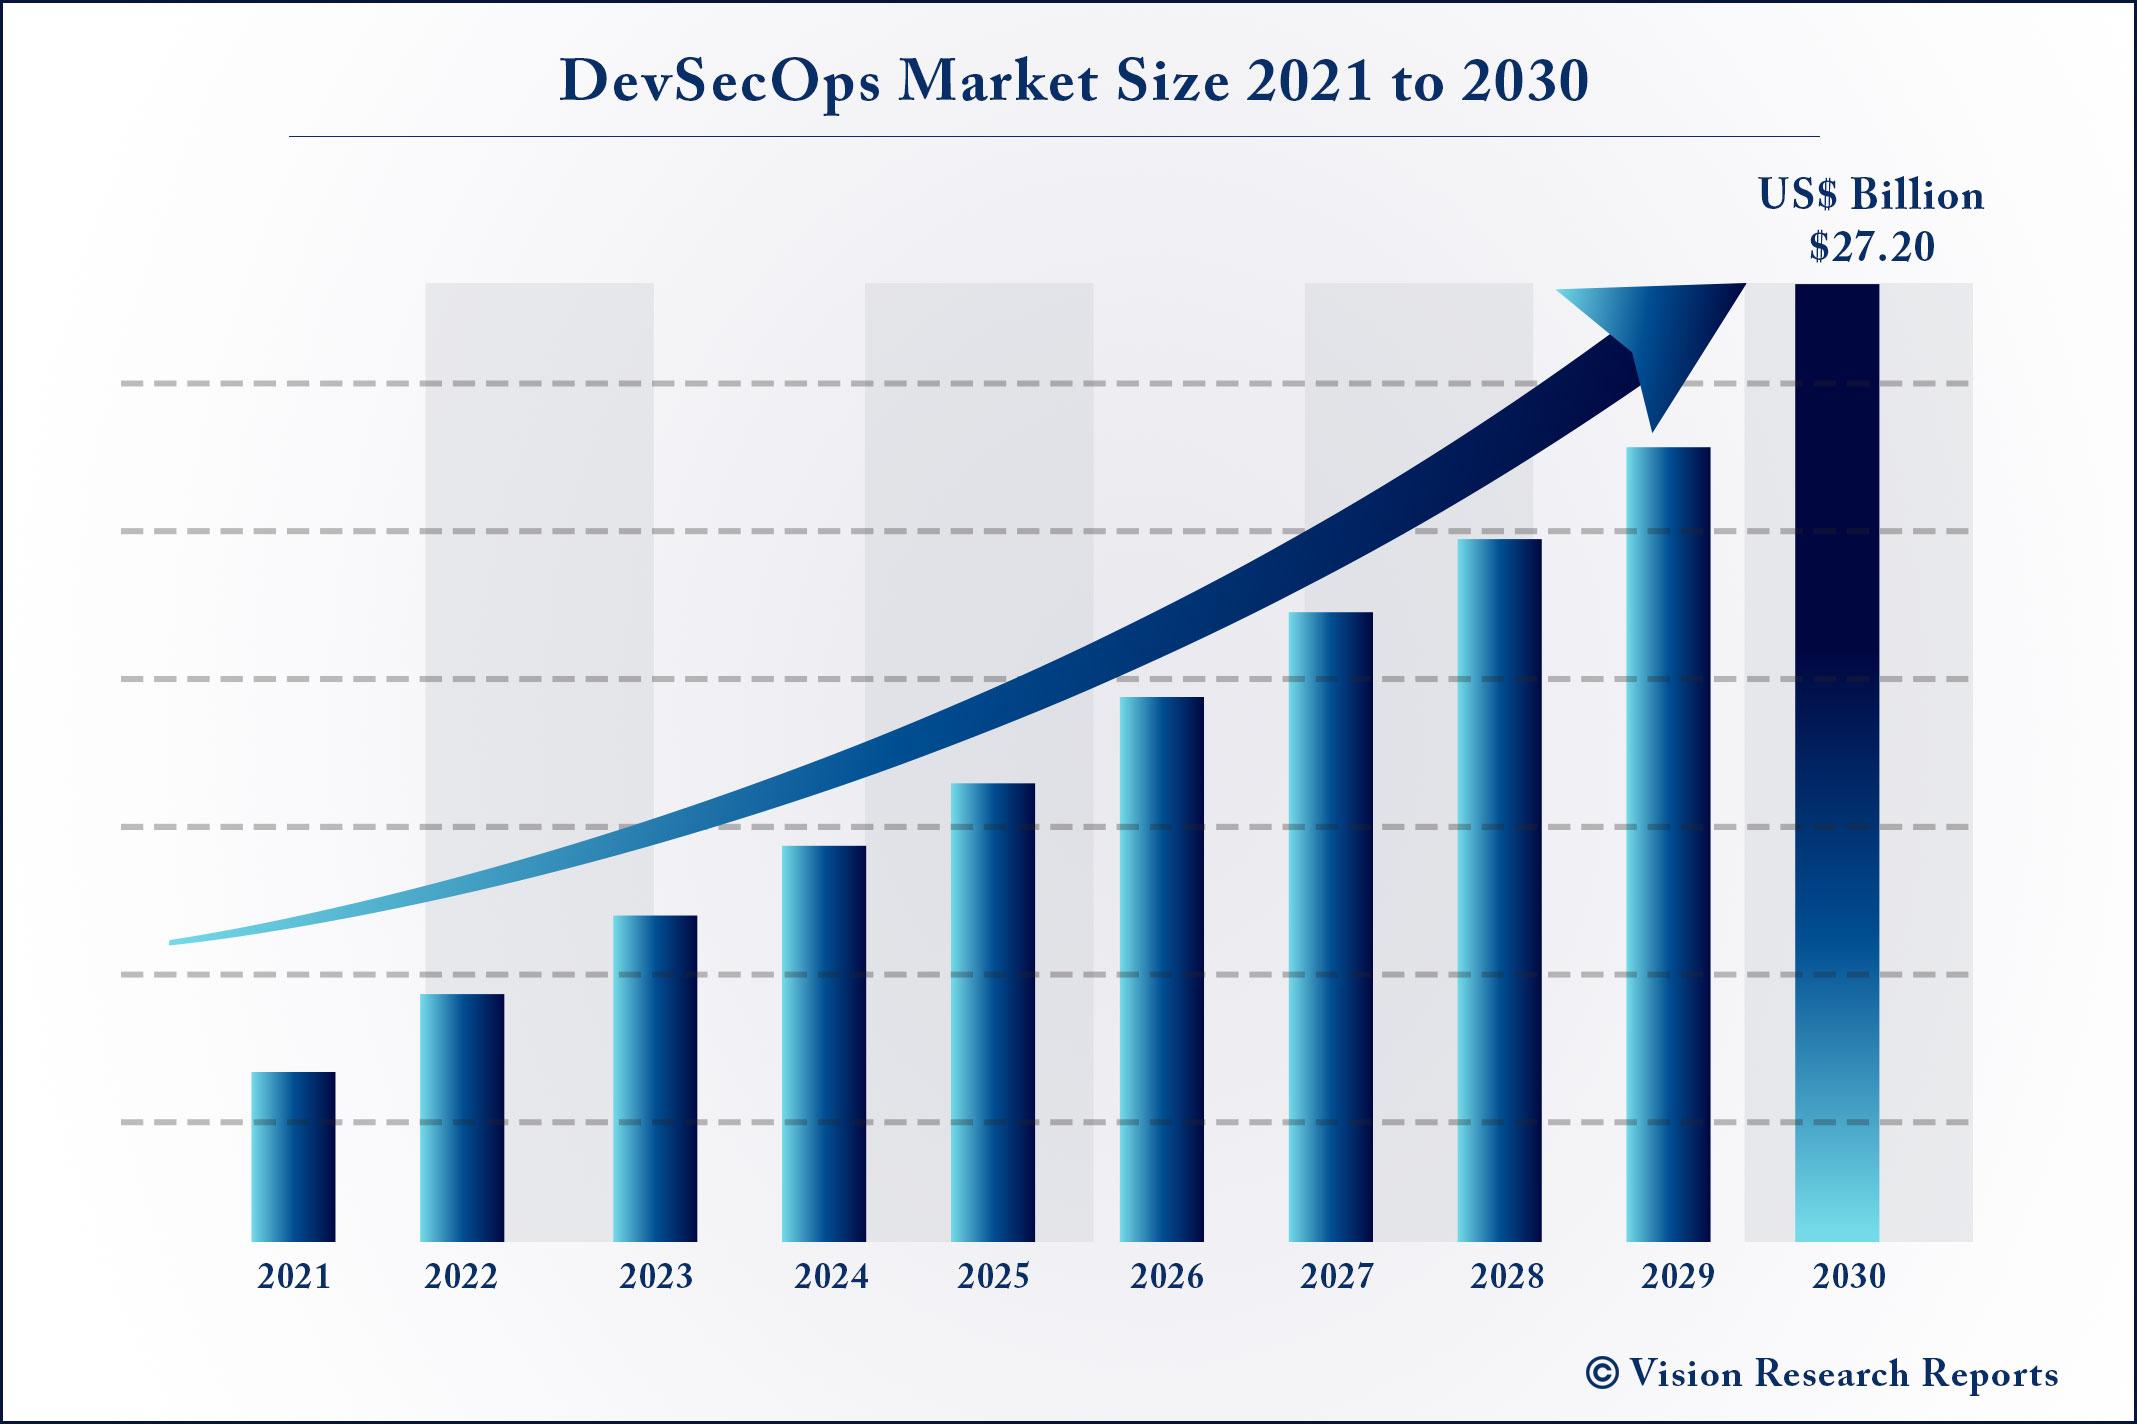 DevSecOps Market Size 2021 to 2030